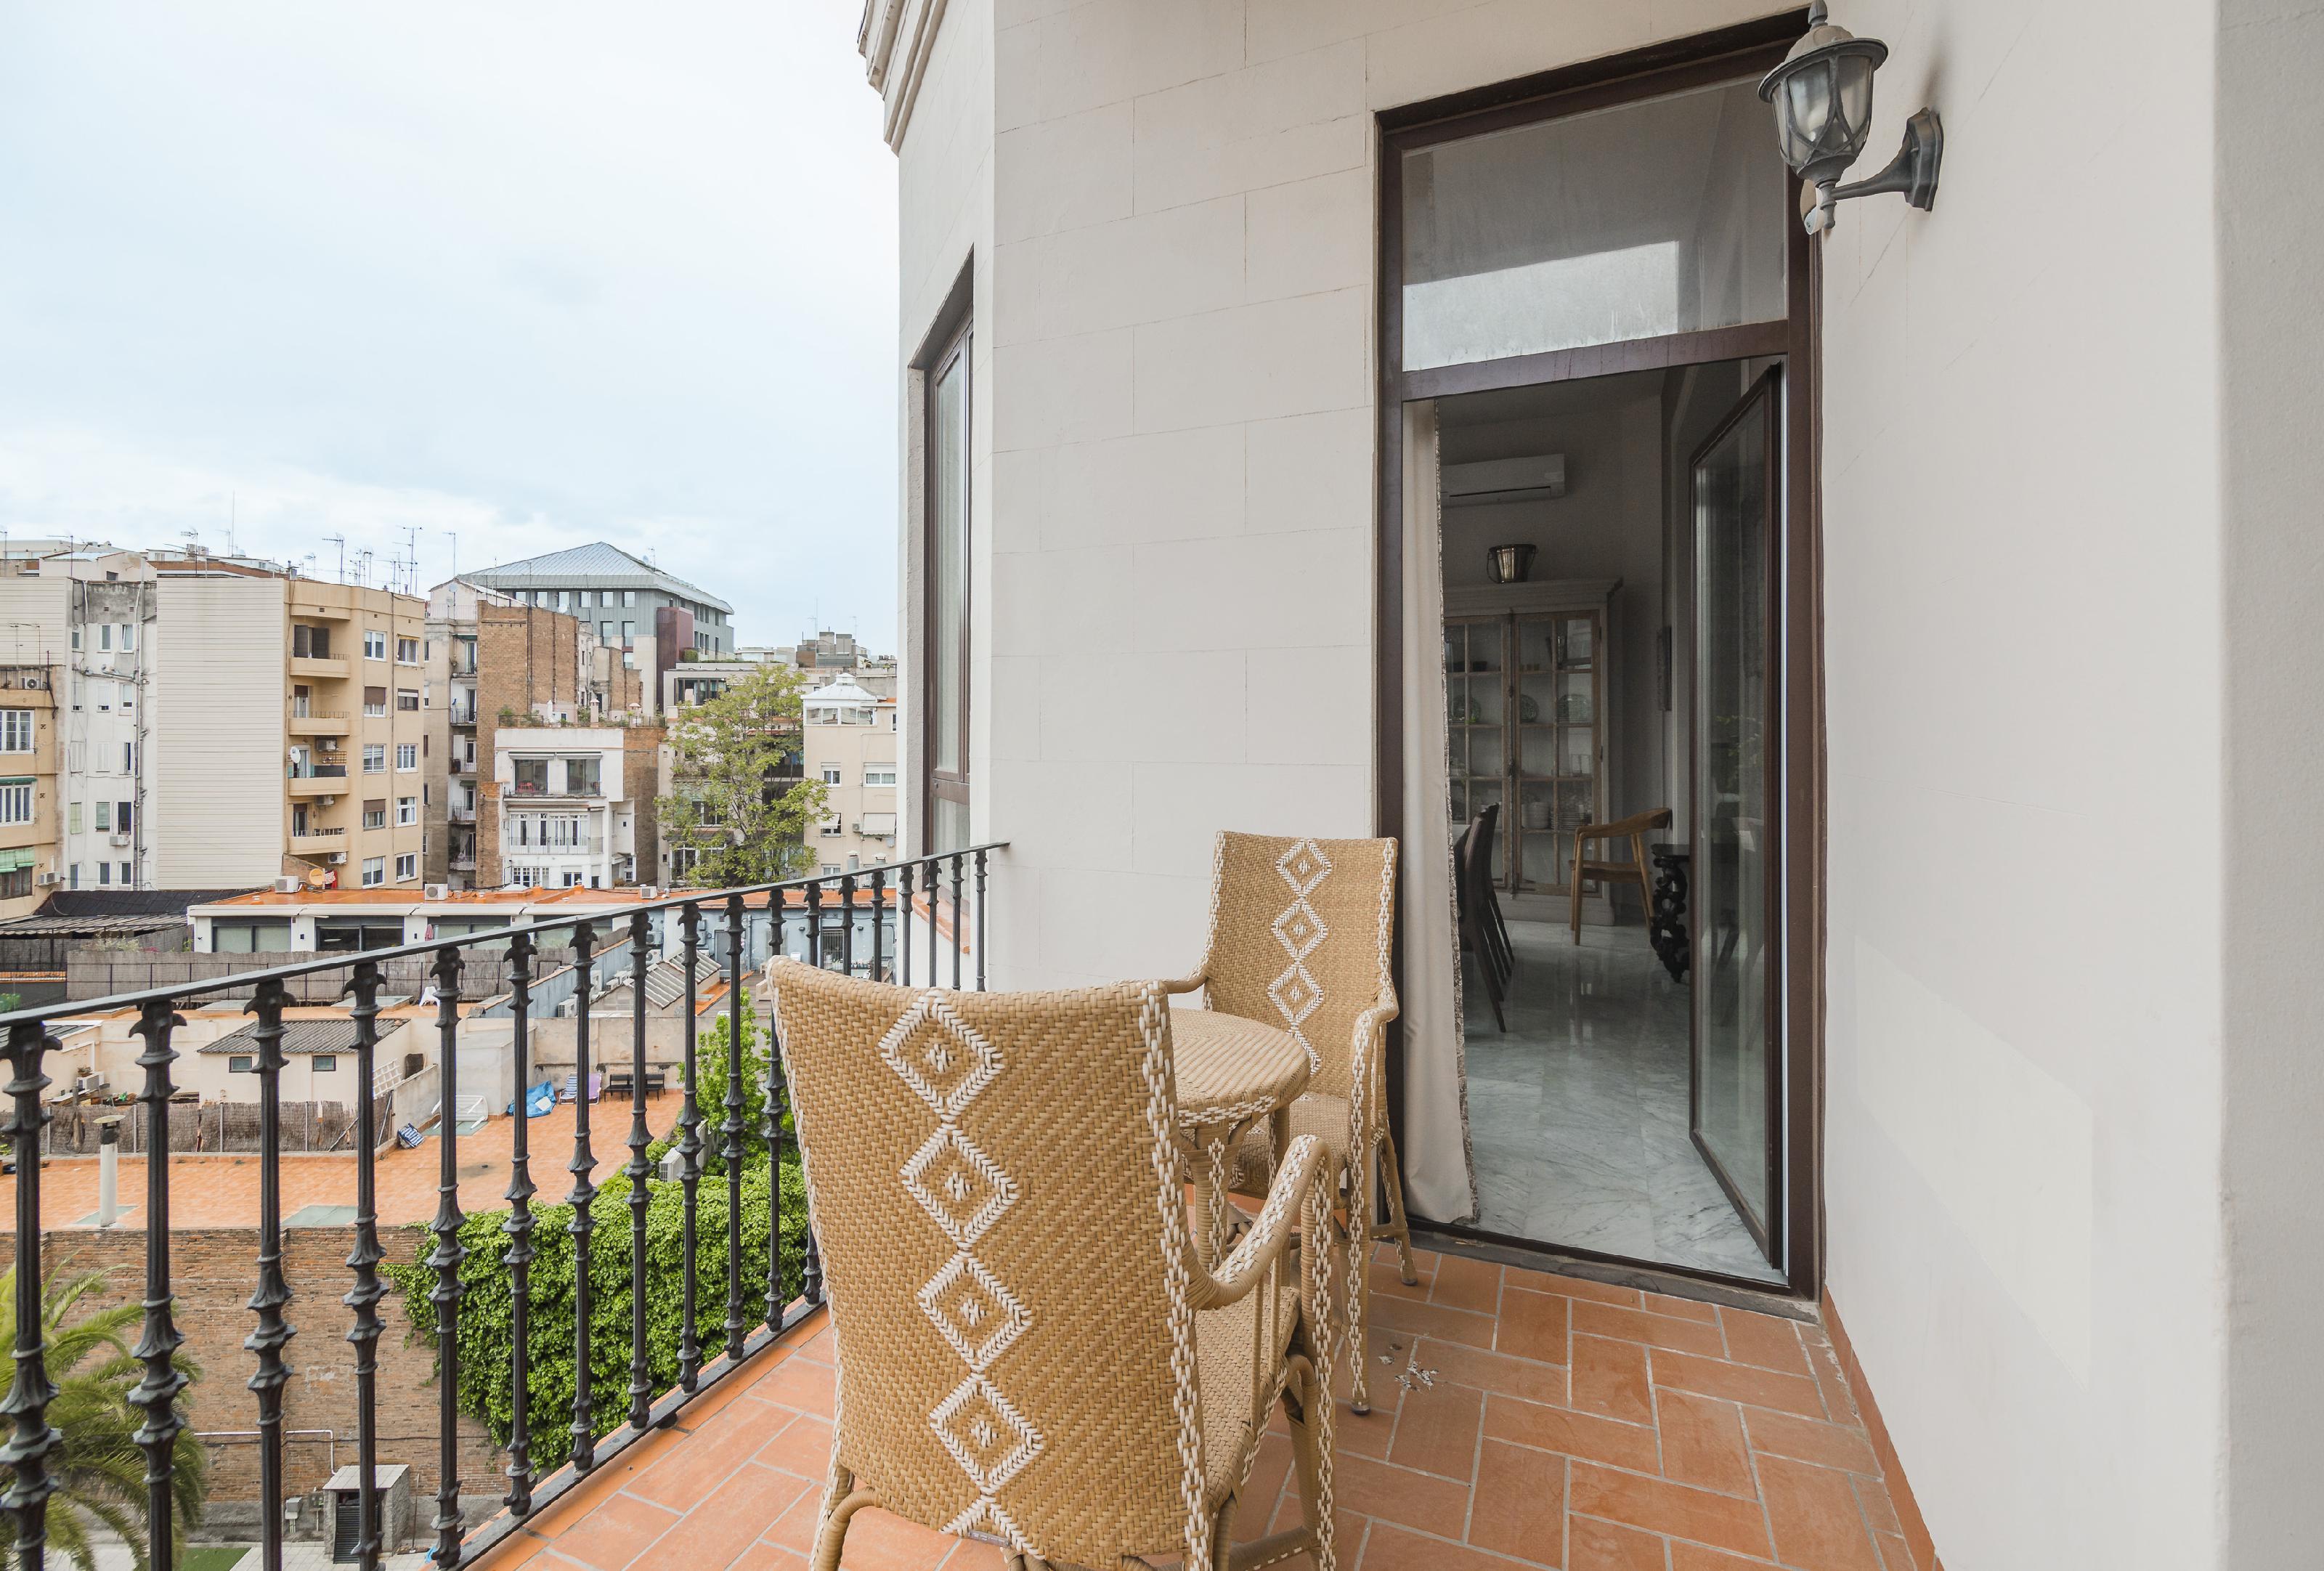 248206 Flat for sale in Gràcia, Vila de Gràcia 3